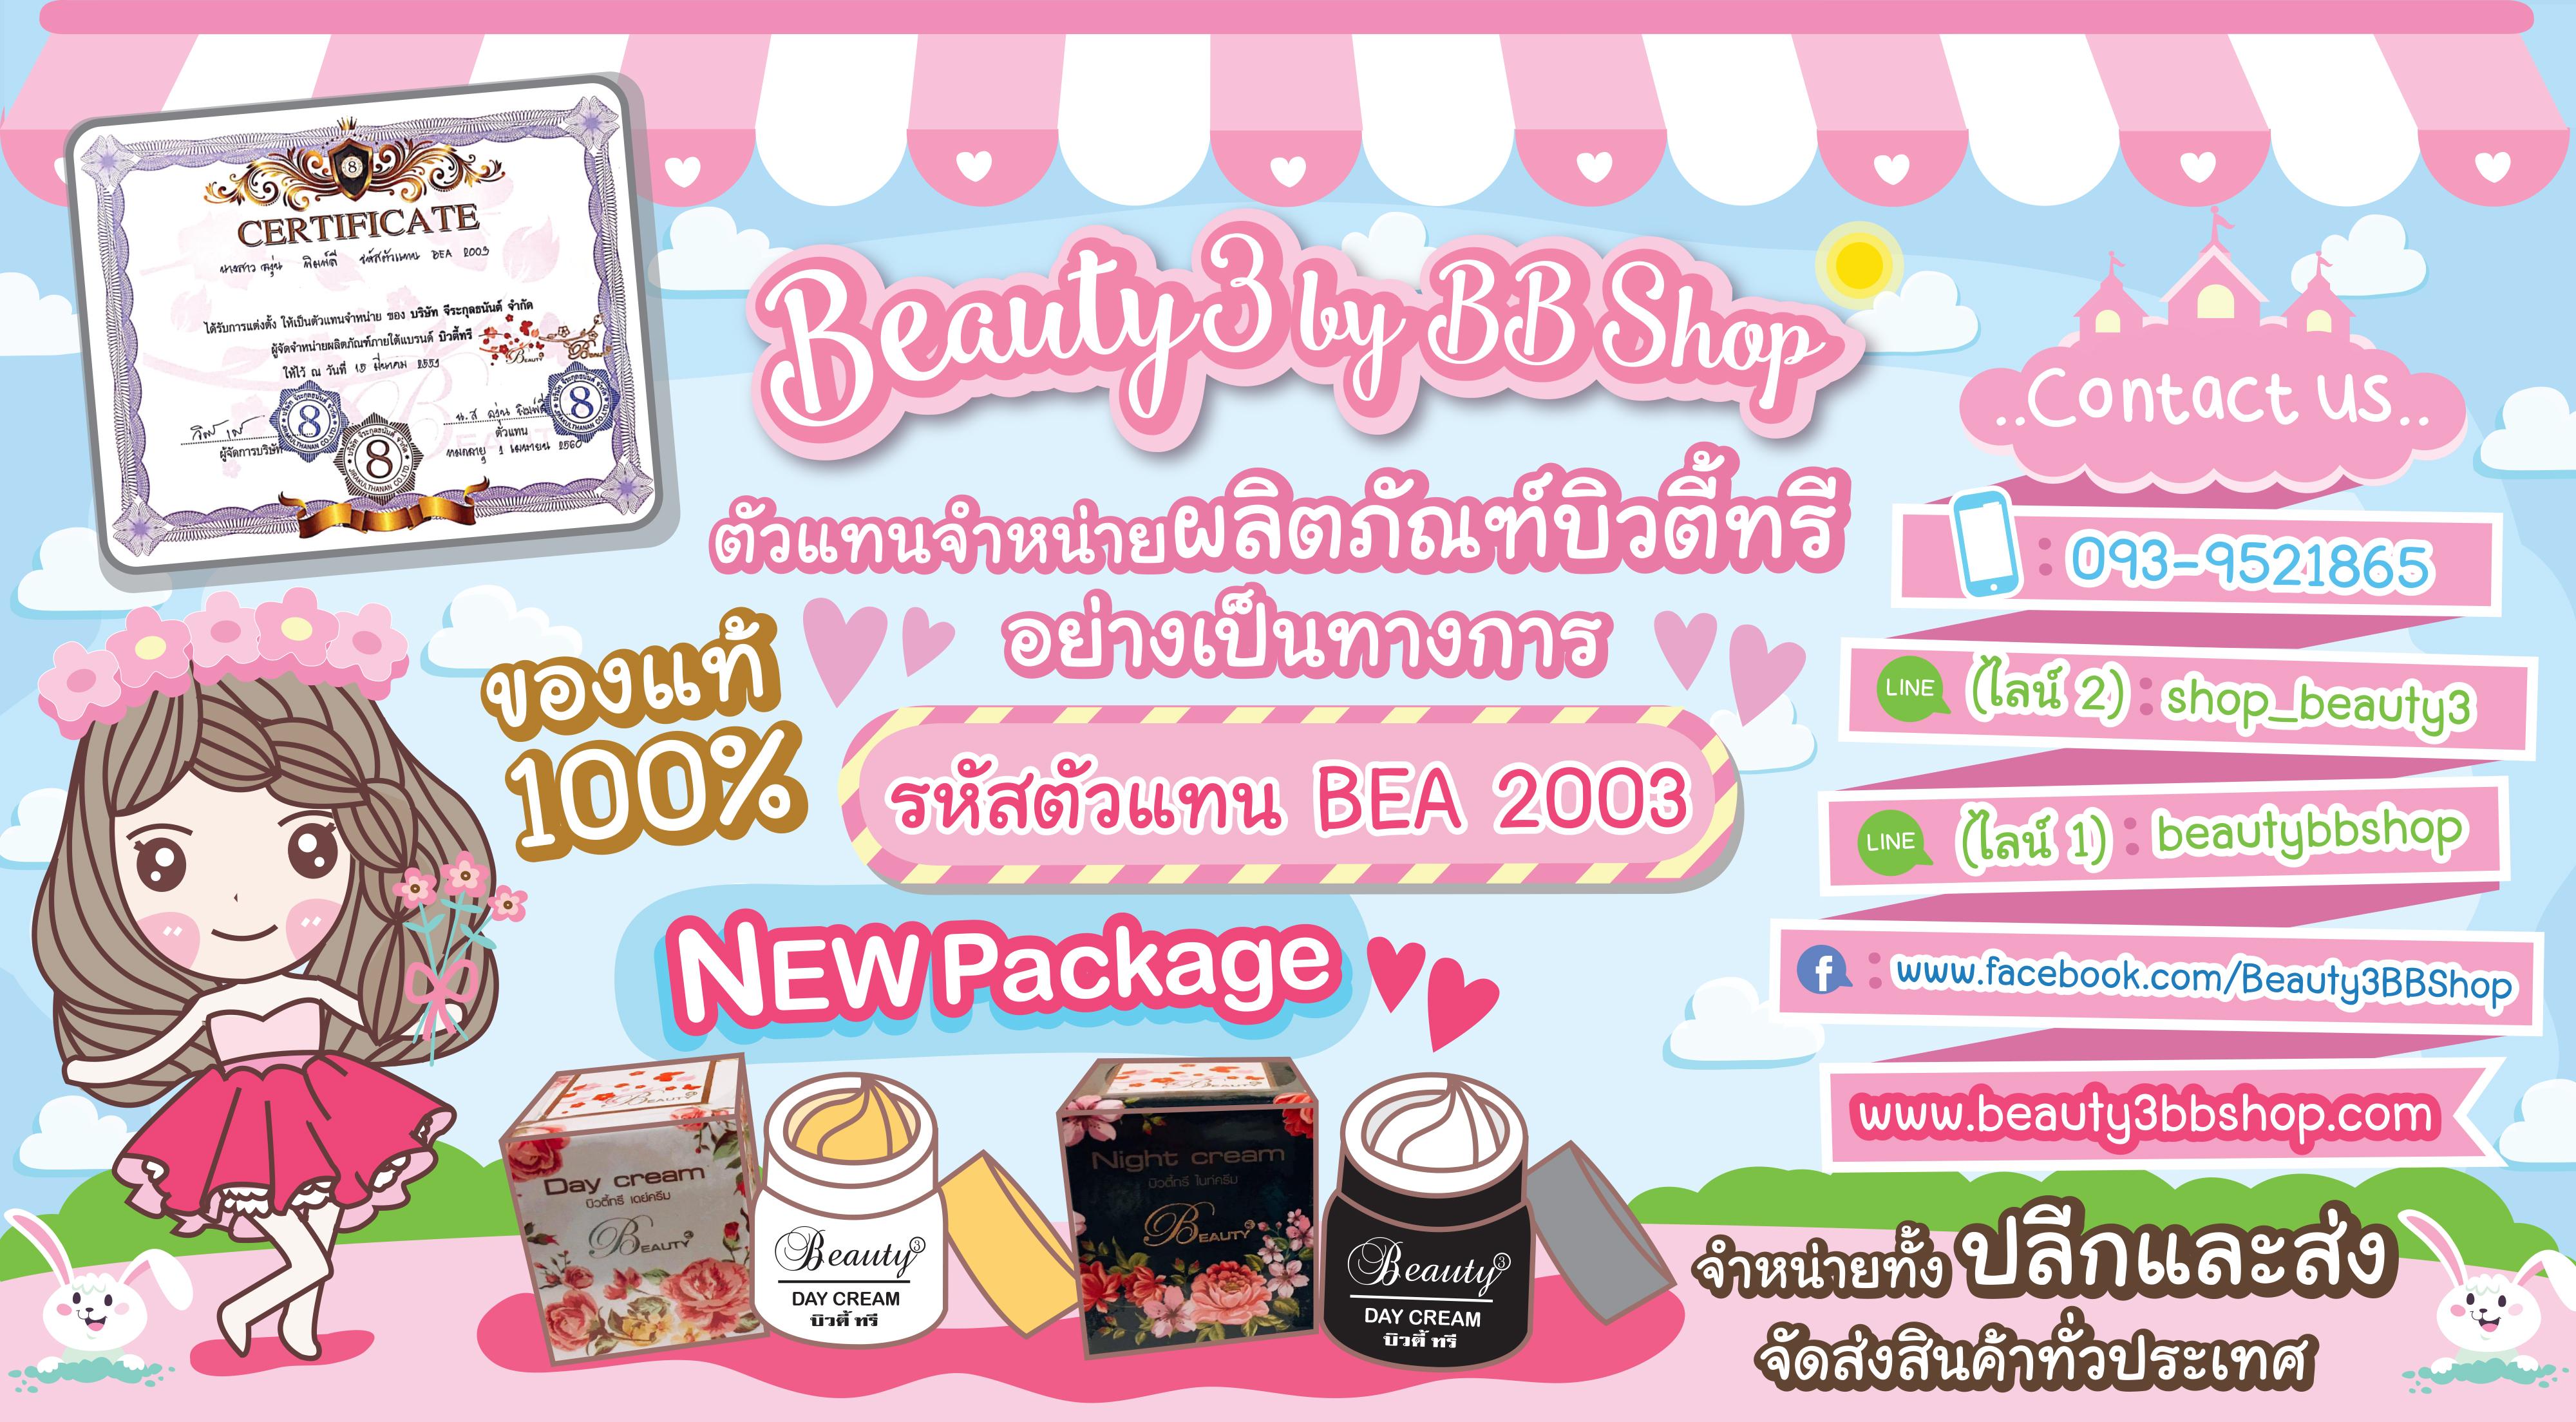 Beauty 3 (ครีมบิวตี้ทรี) By BB Shop